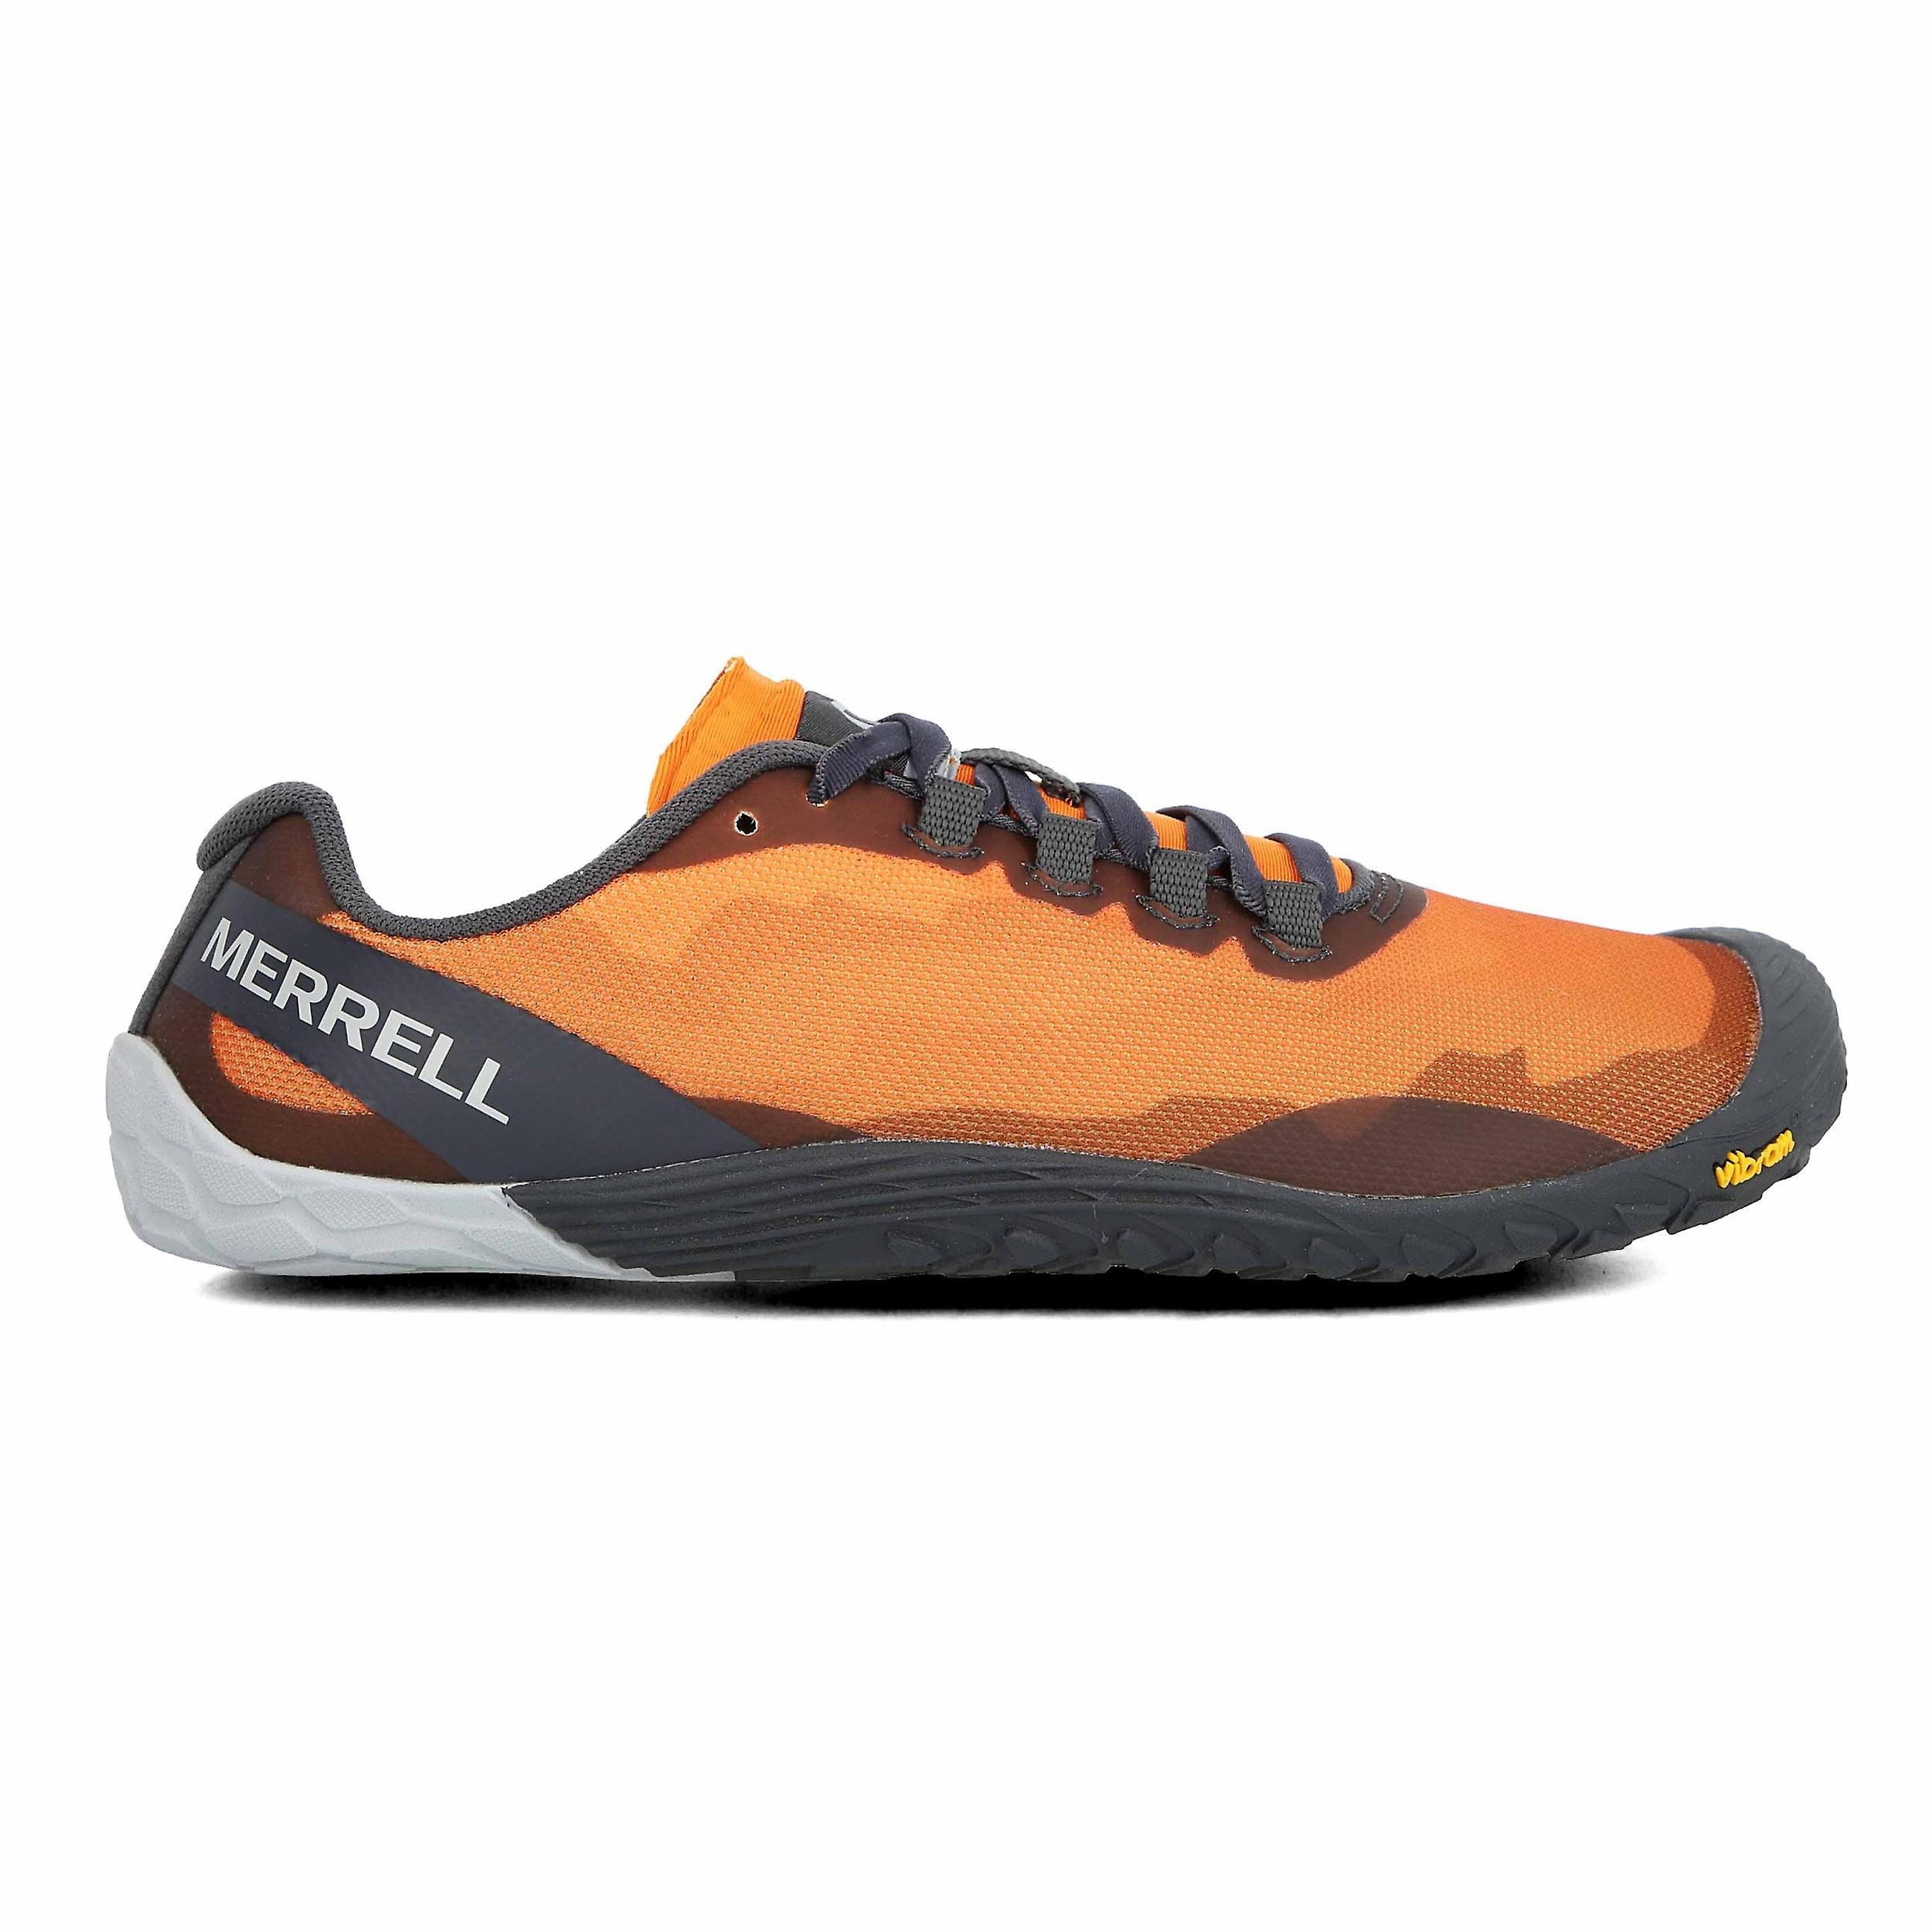 Merrell Vapor Glove 4 Trail Running Shoes - AW20